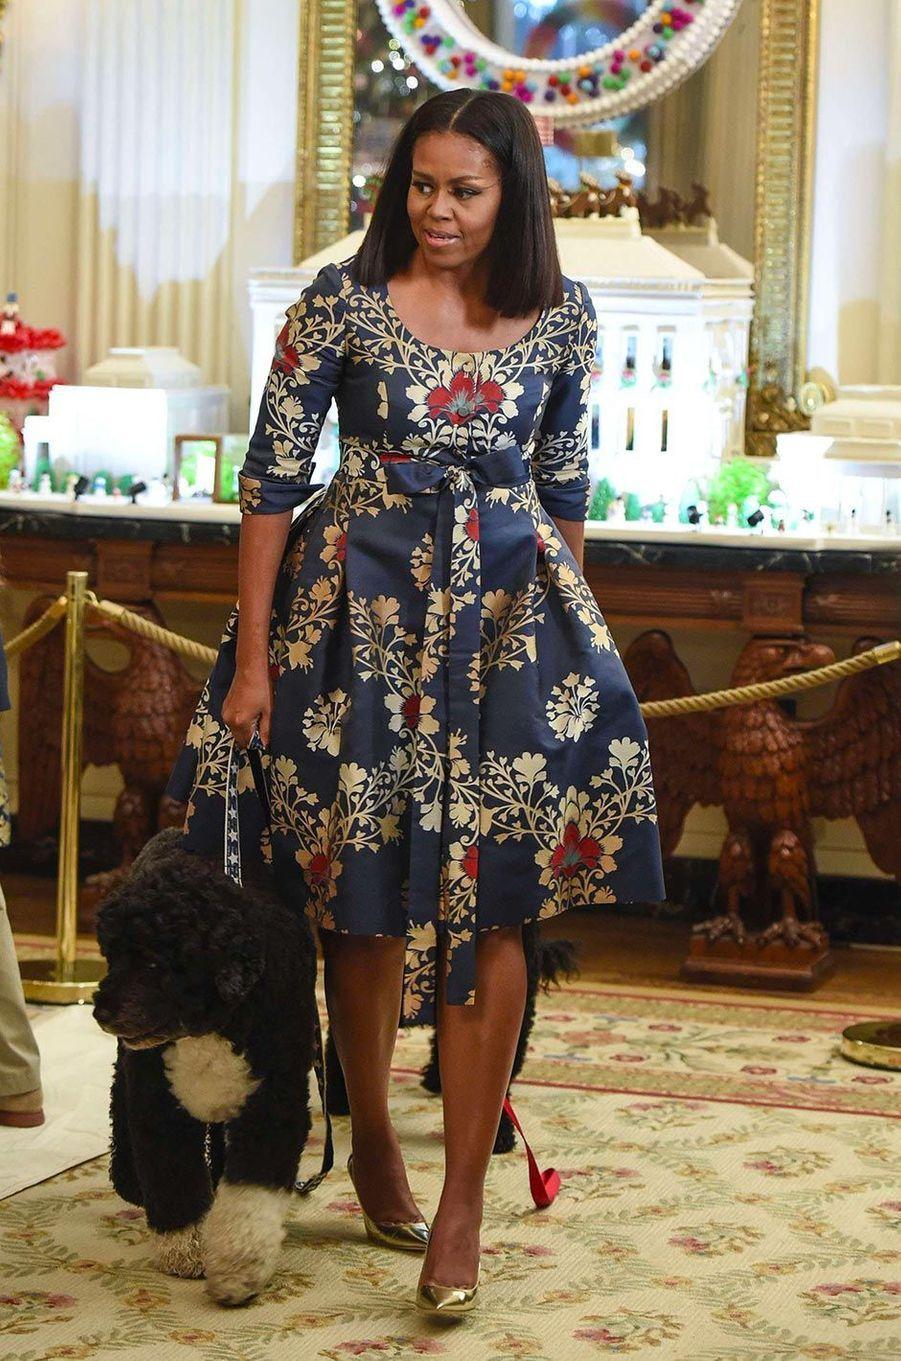 Cette avocate dynamique et rieuse donne le «la» d'une nouvelle élégance athlétique et colorée. On est loin de la gracile et compassée Barbara Bush. Michelle Obama aime la ligne corolle, les tons éclatants et les imprimés. Cependant, si elle adore changer de coiffure, elle n'assume pas ses cheveux crépus.